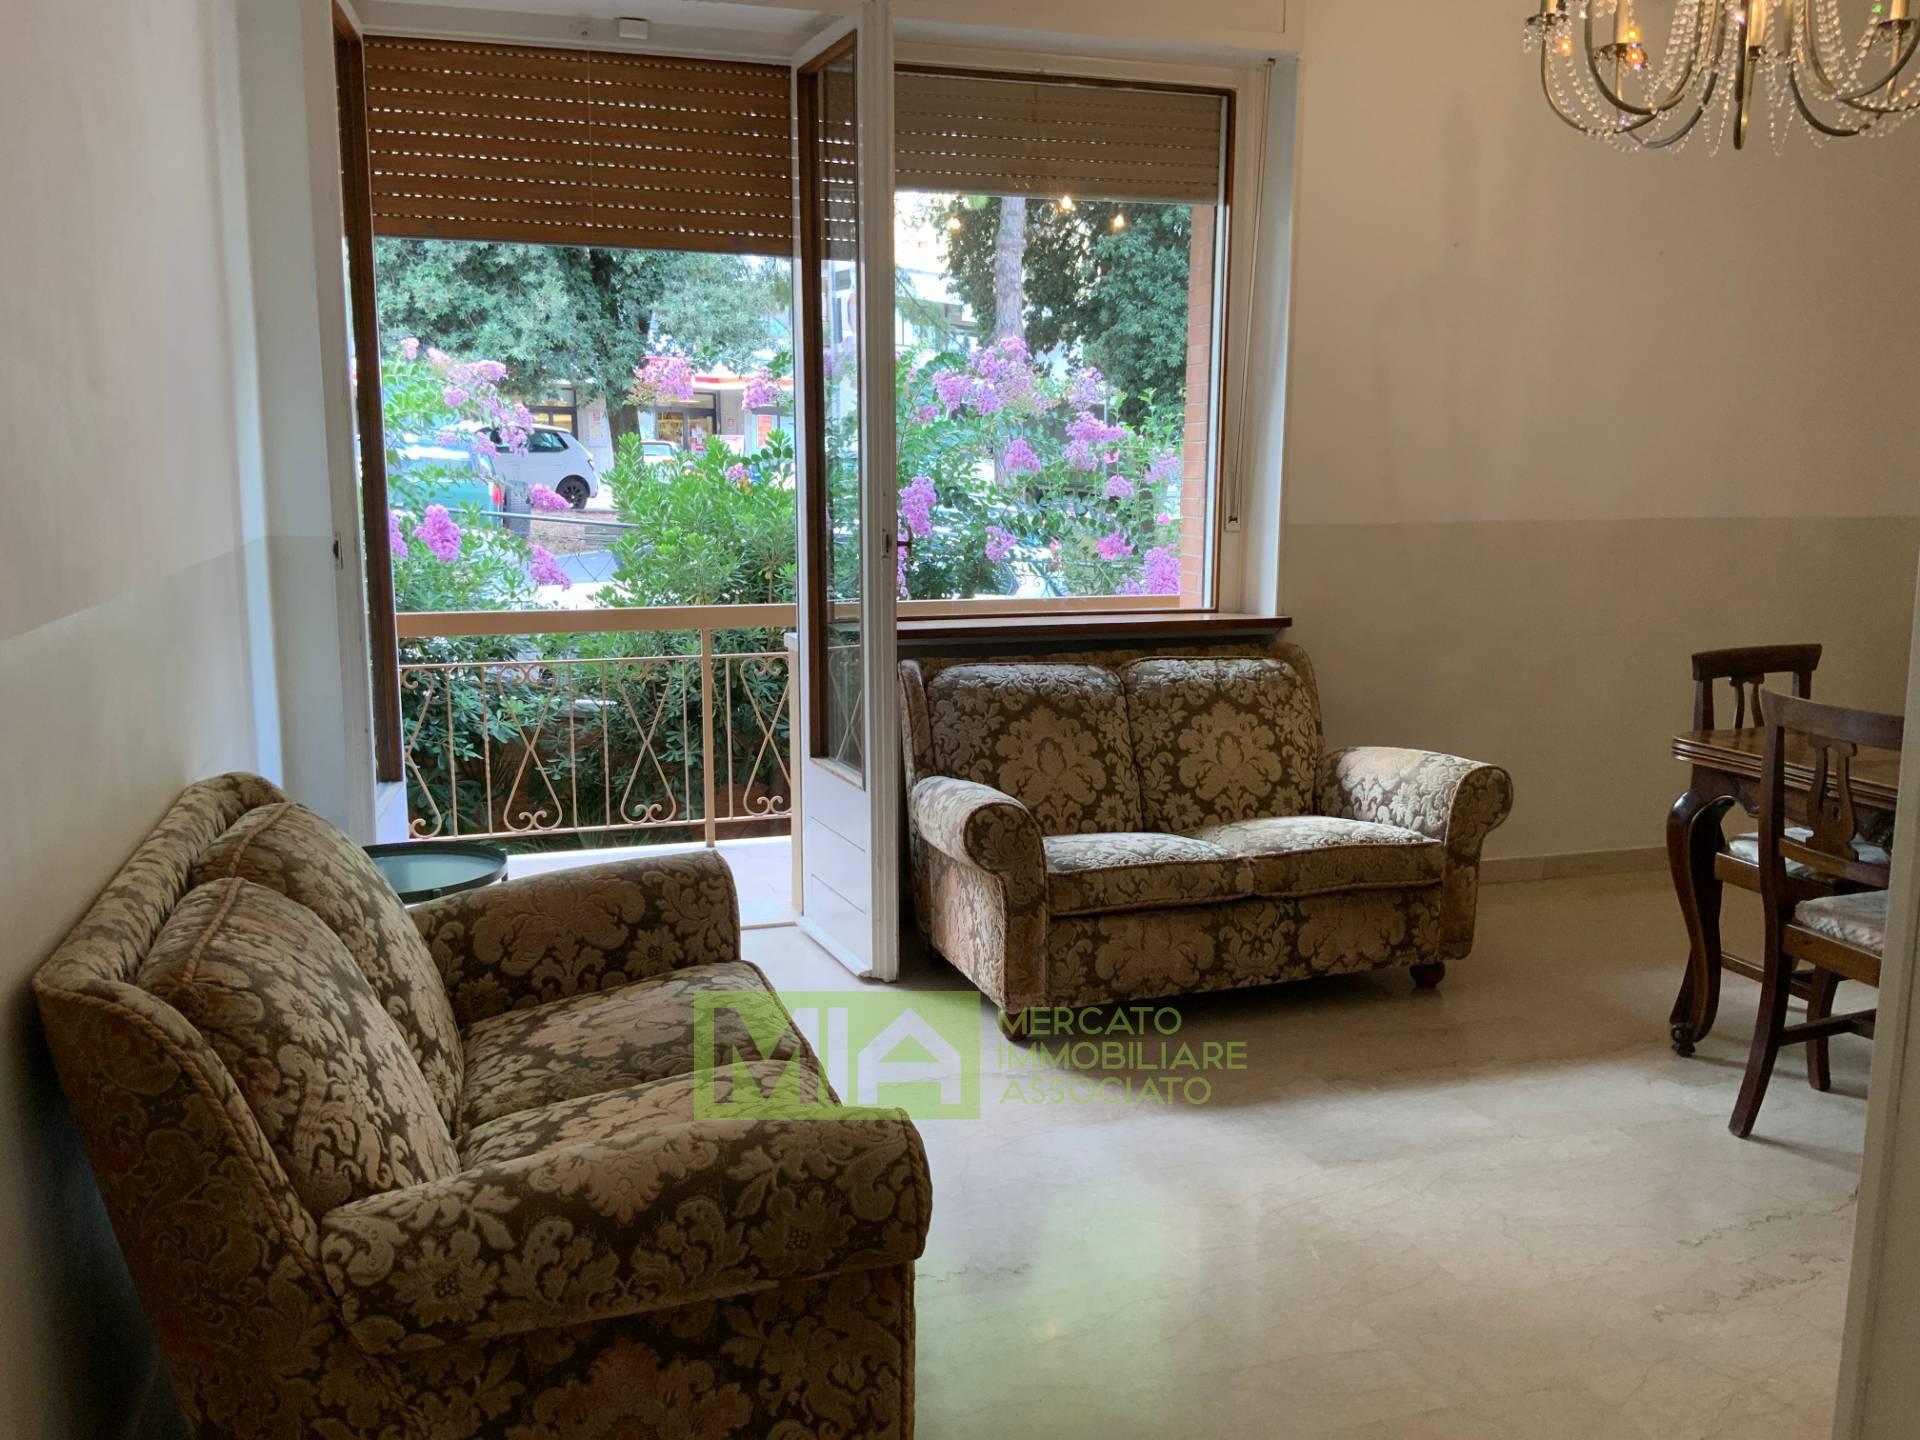 Appartamento in vendita a Macerata, 8 locali, zona Località: COLLEVERDE, prezzo € 215.000 | CambioCasa.it